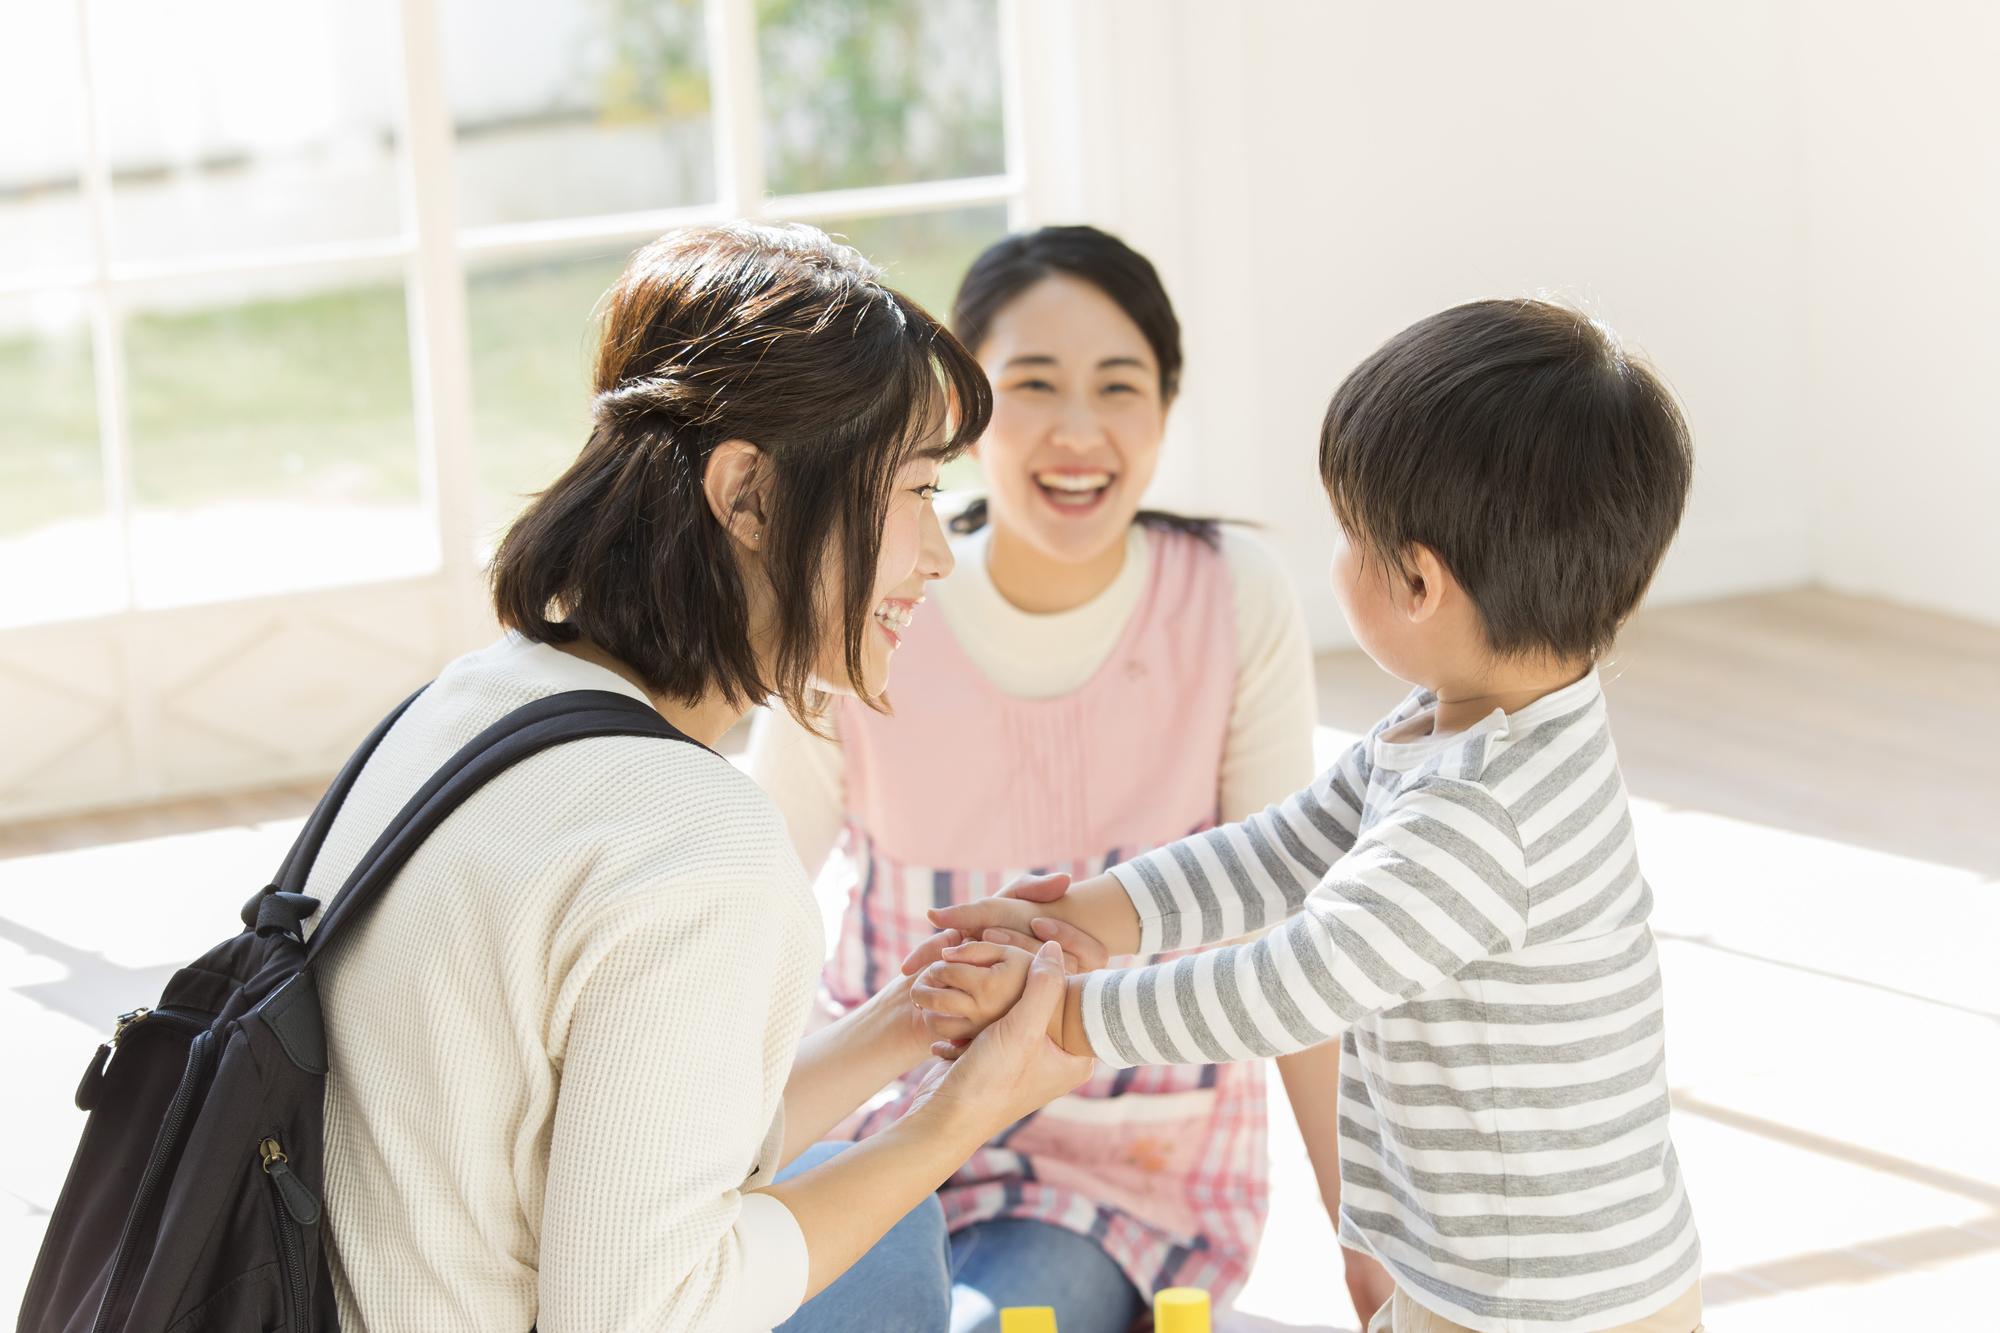 保育園登園の朝に泣く子どもへの対応!ママのNG行動。いつまで続く?